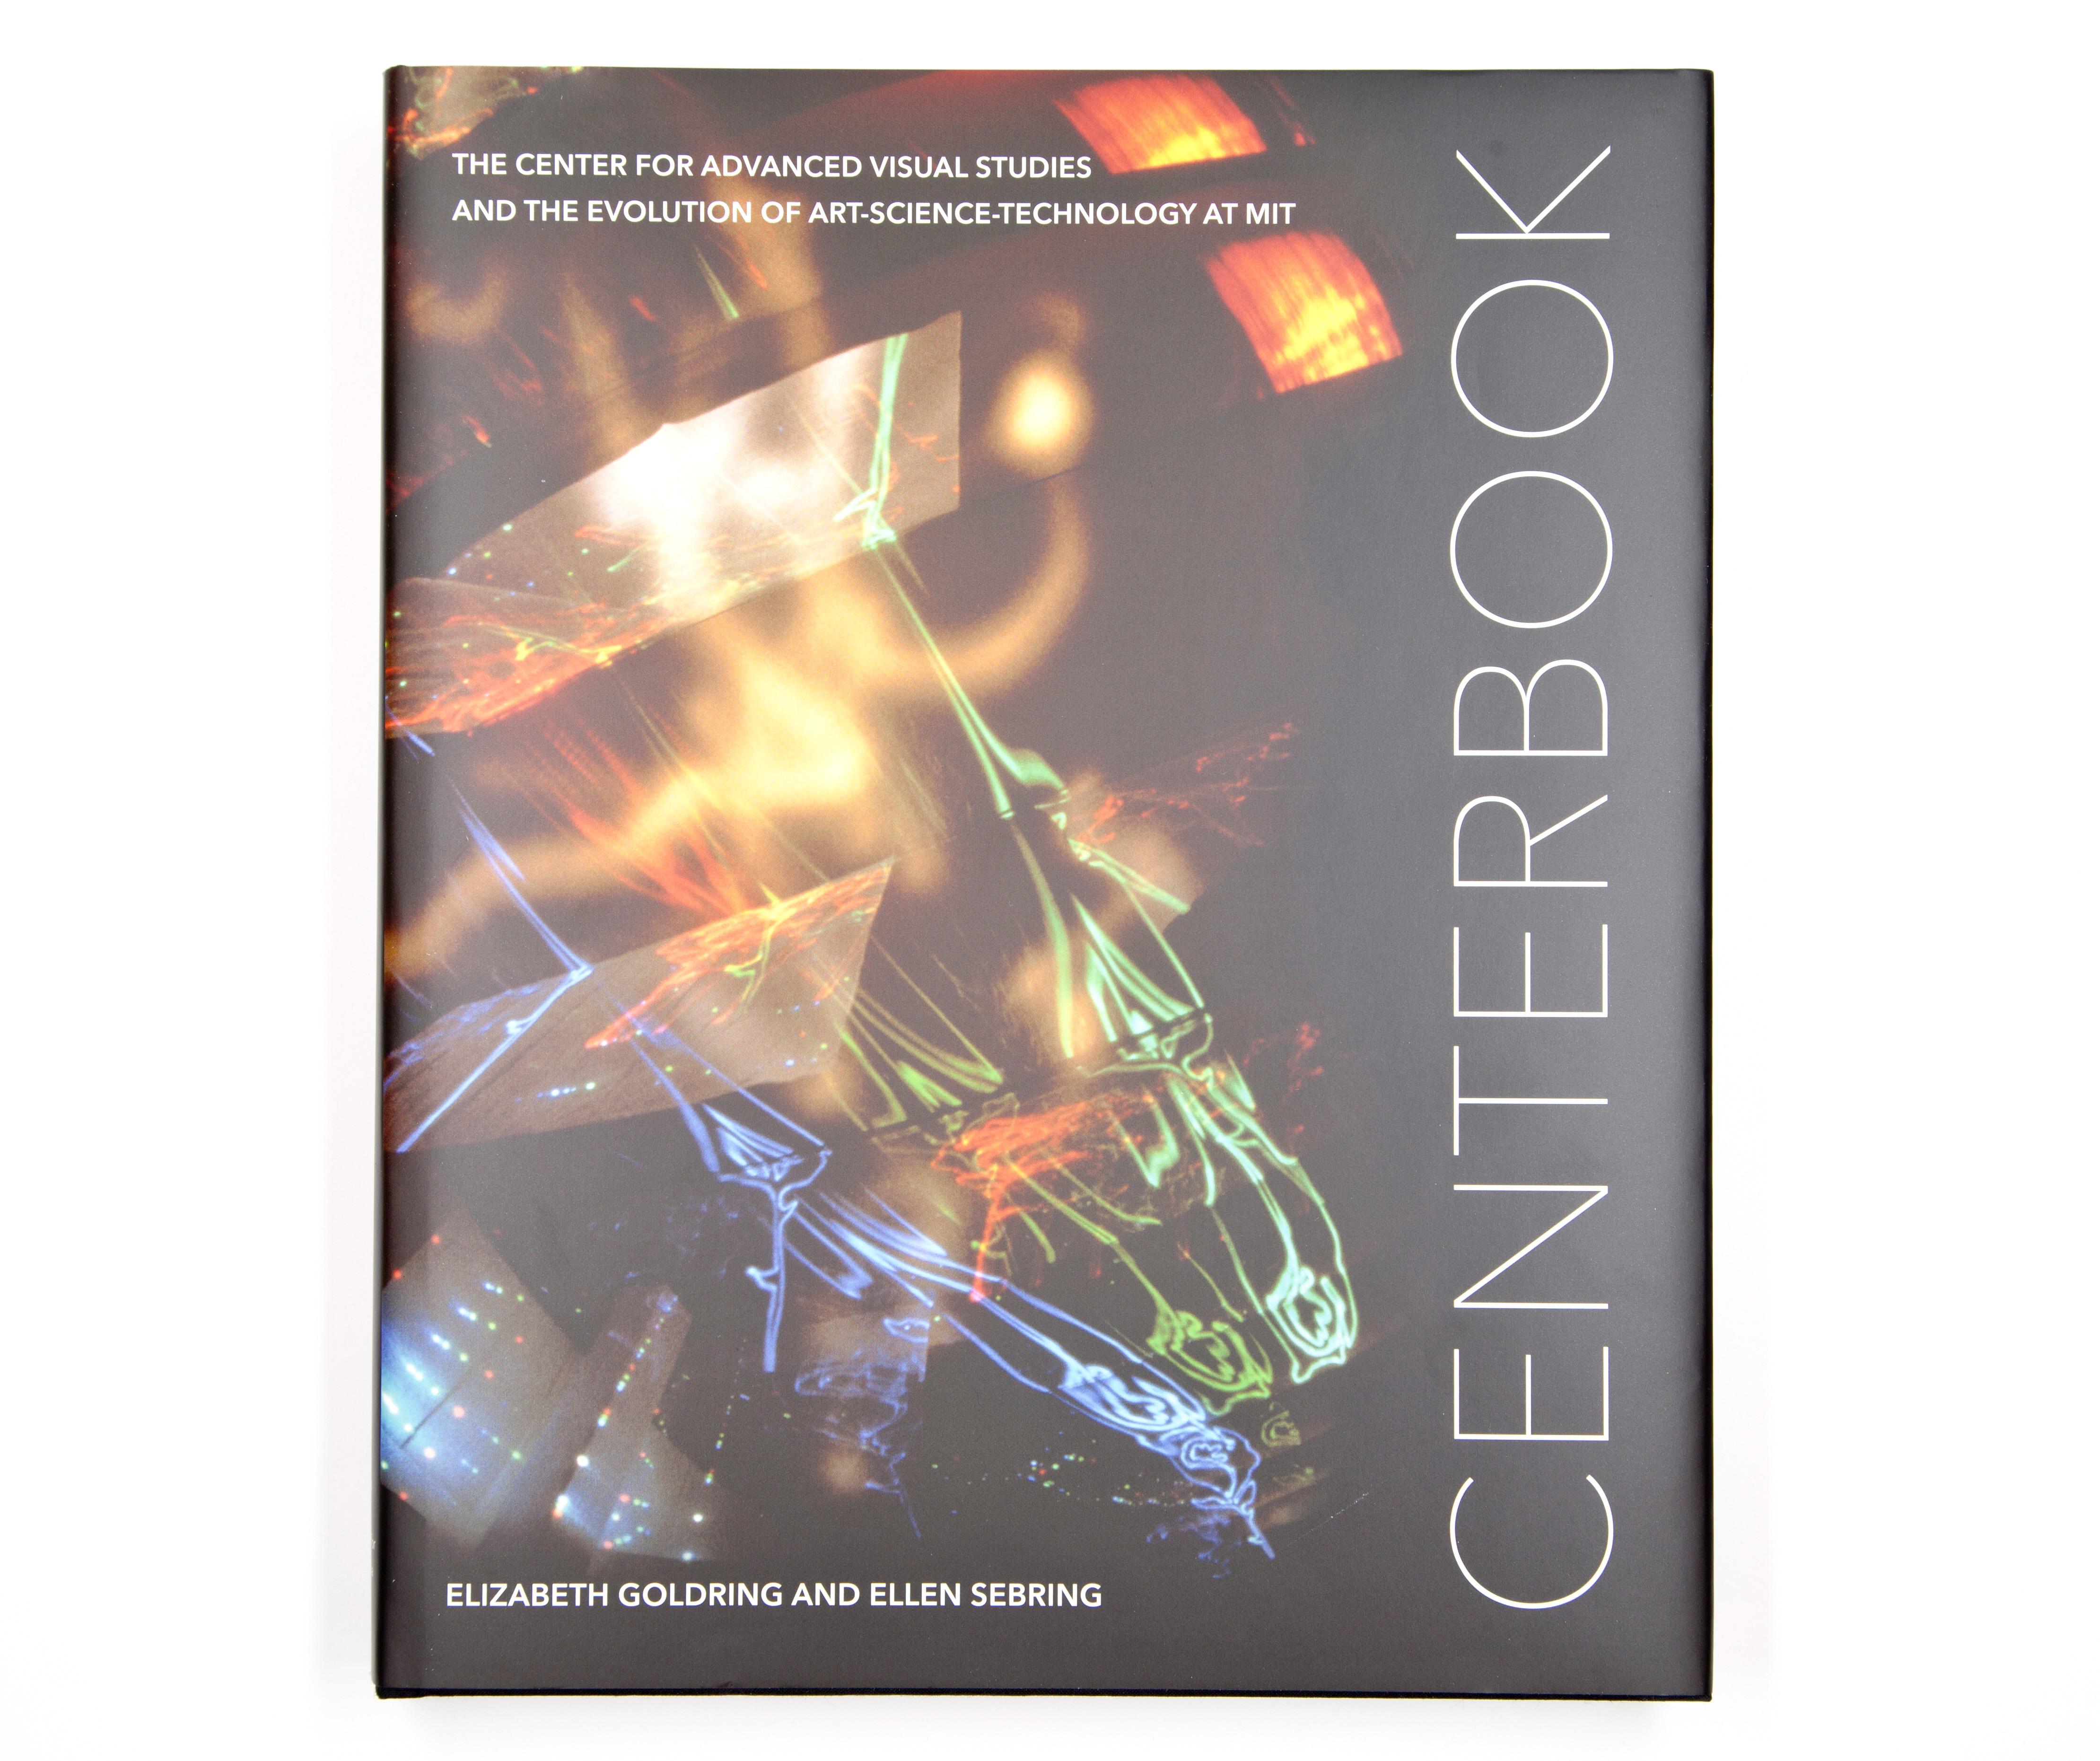 Centerbook